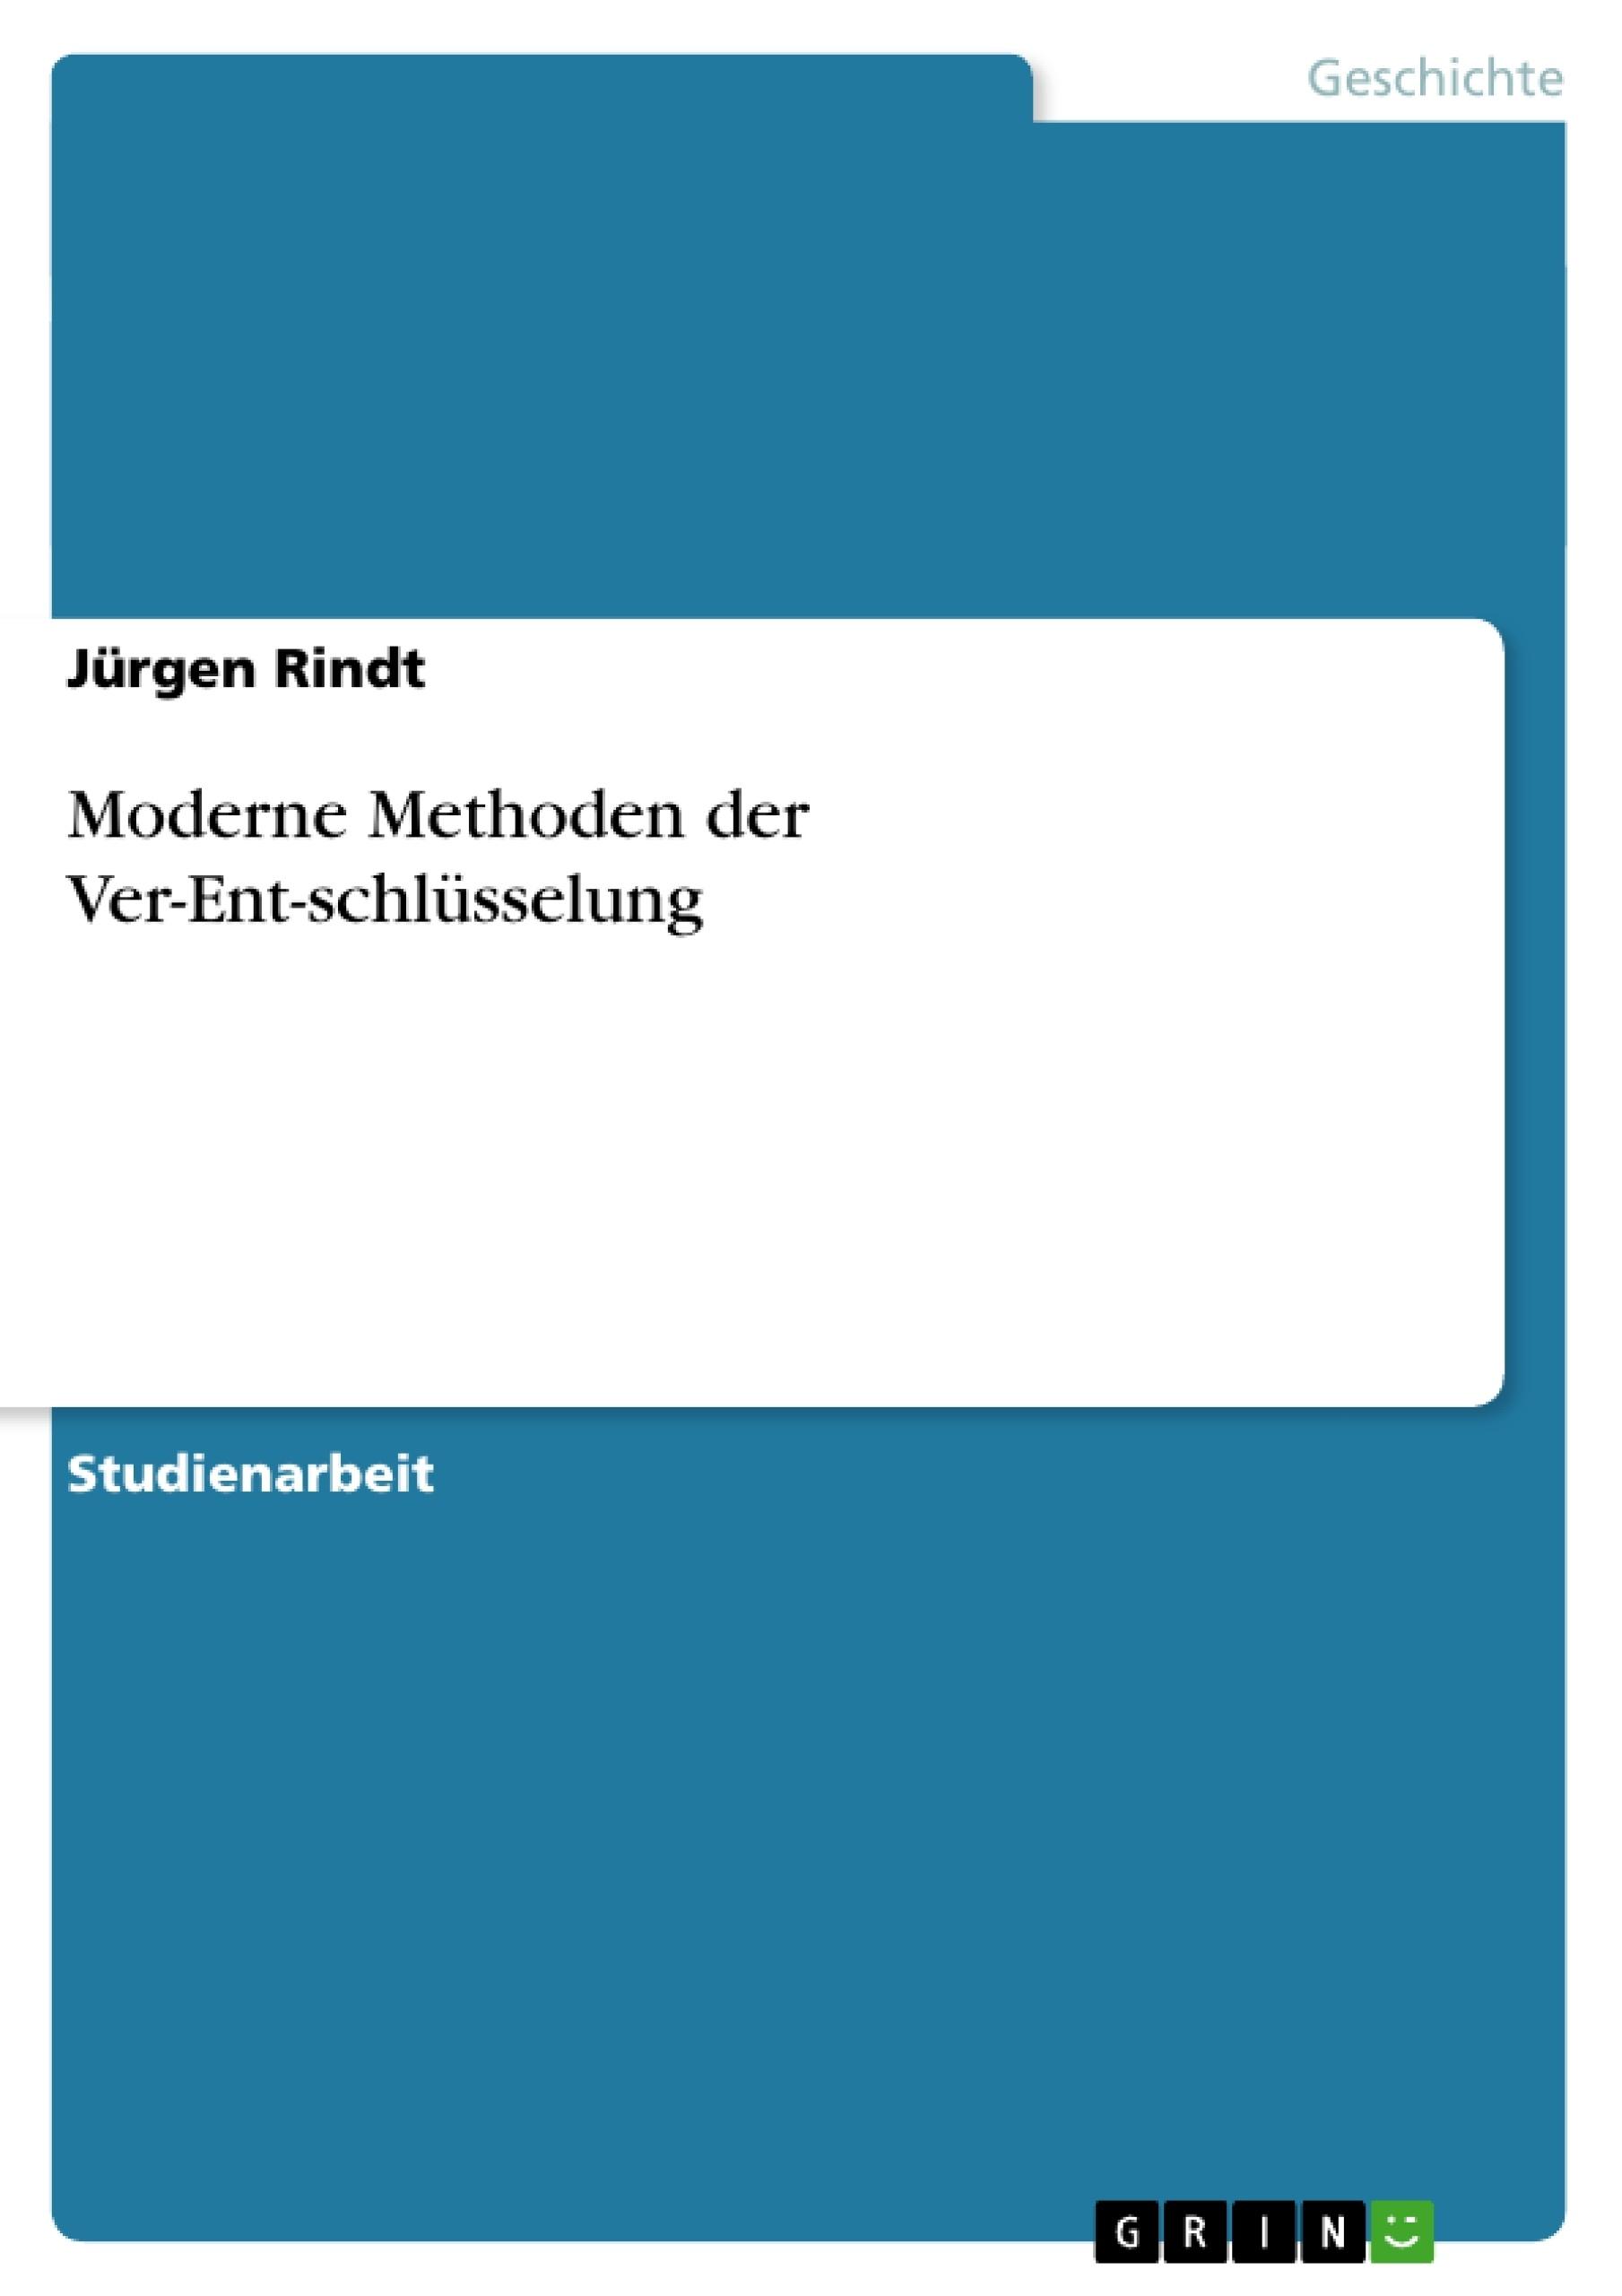 Titel: Moderne Methoden der Ver-Ent-schlüsselung